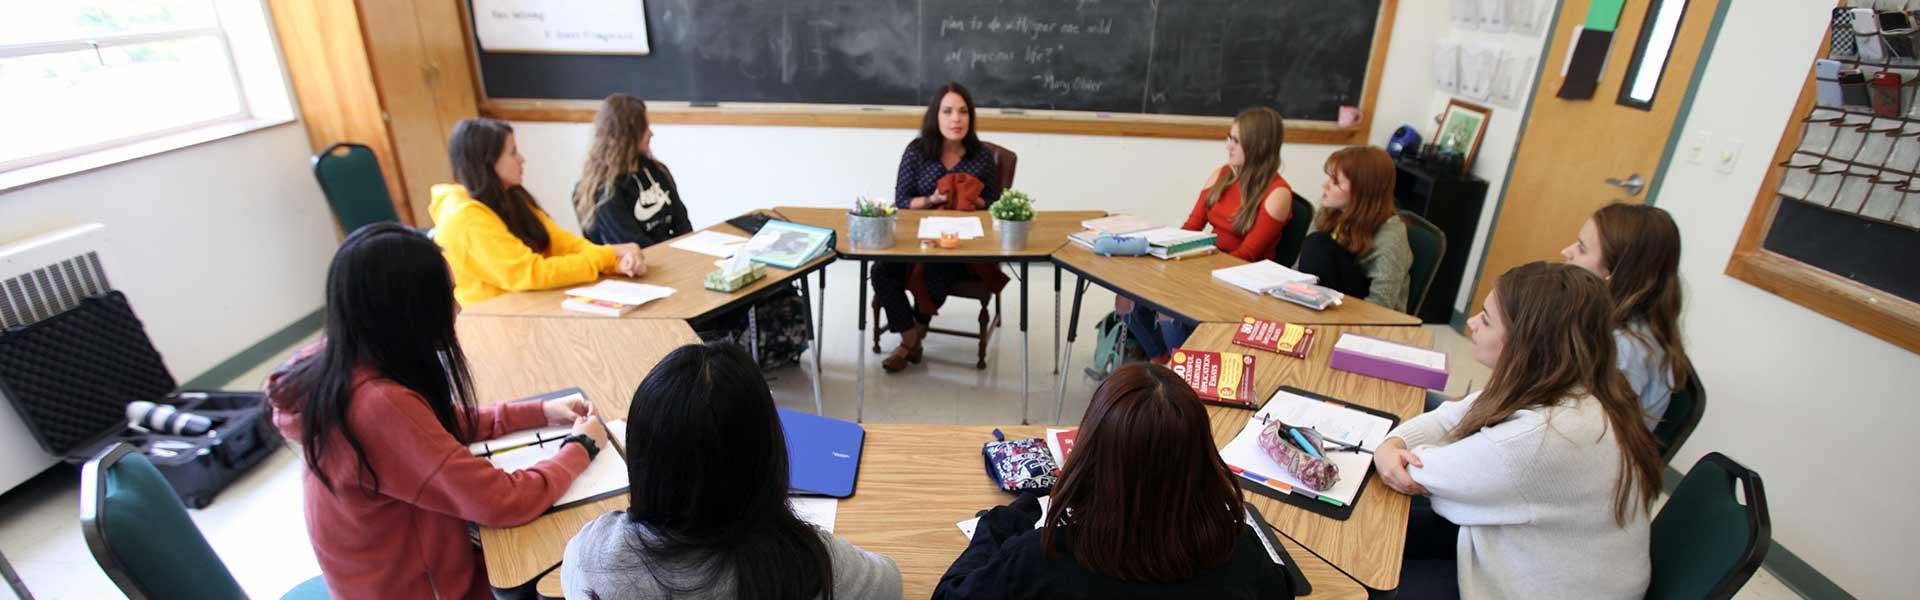 GrierSchool-Boarding-PA-Classwork-Banner-2021